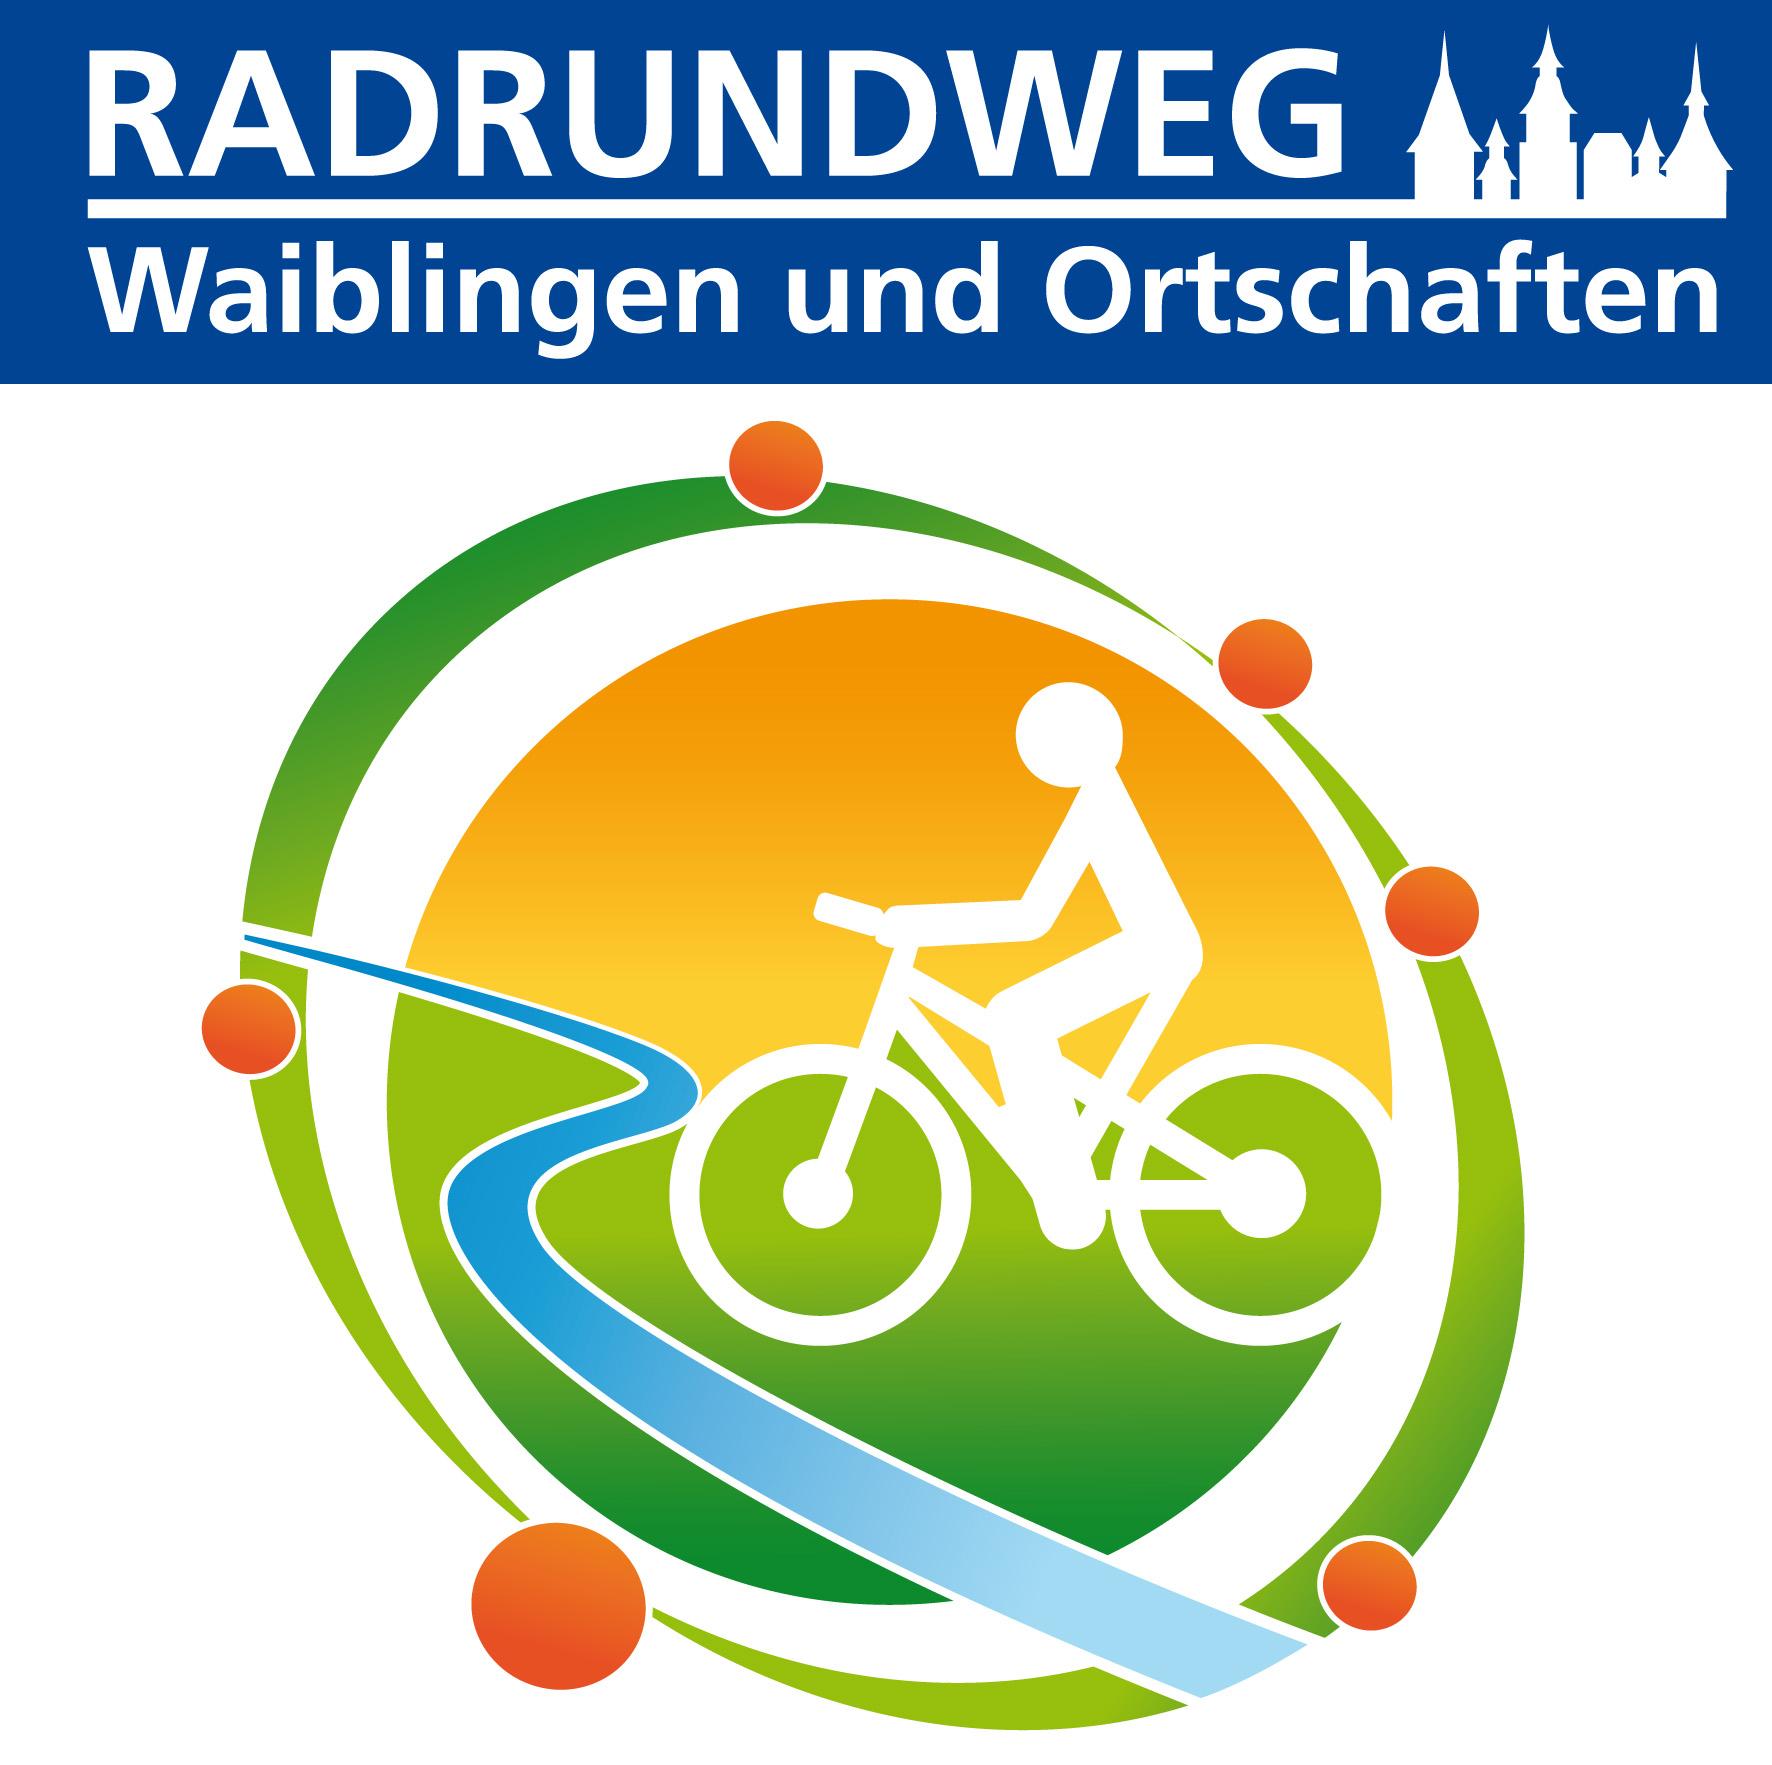 das Logo des Radrundweg Waiblingen und Ortschaften